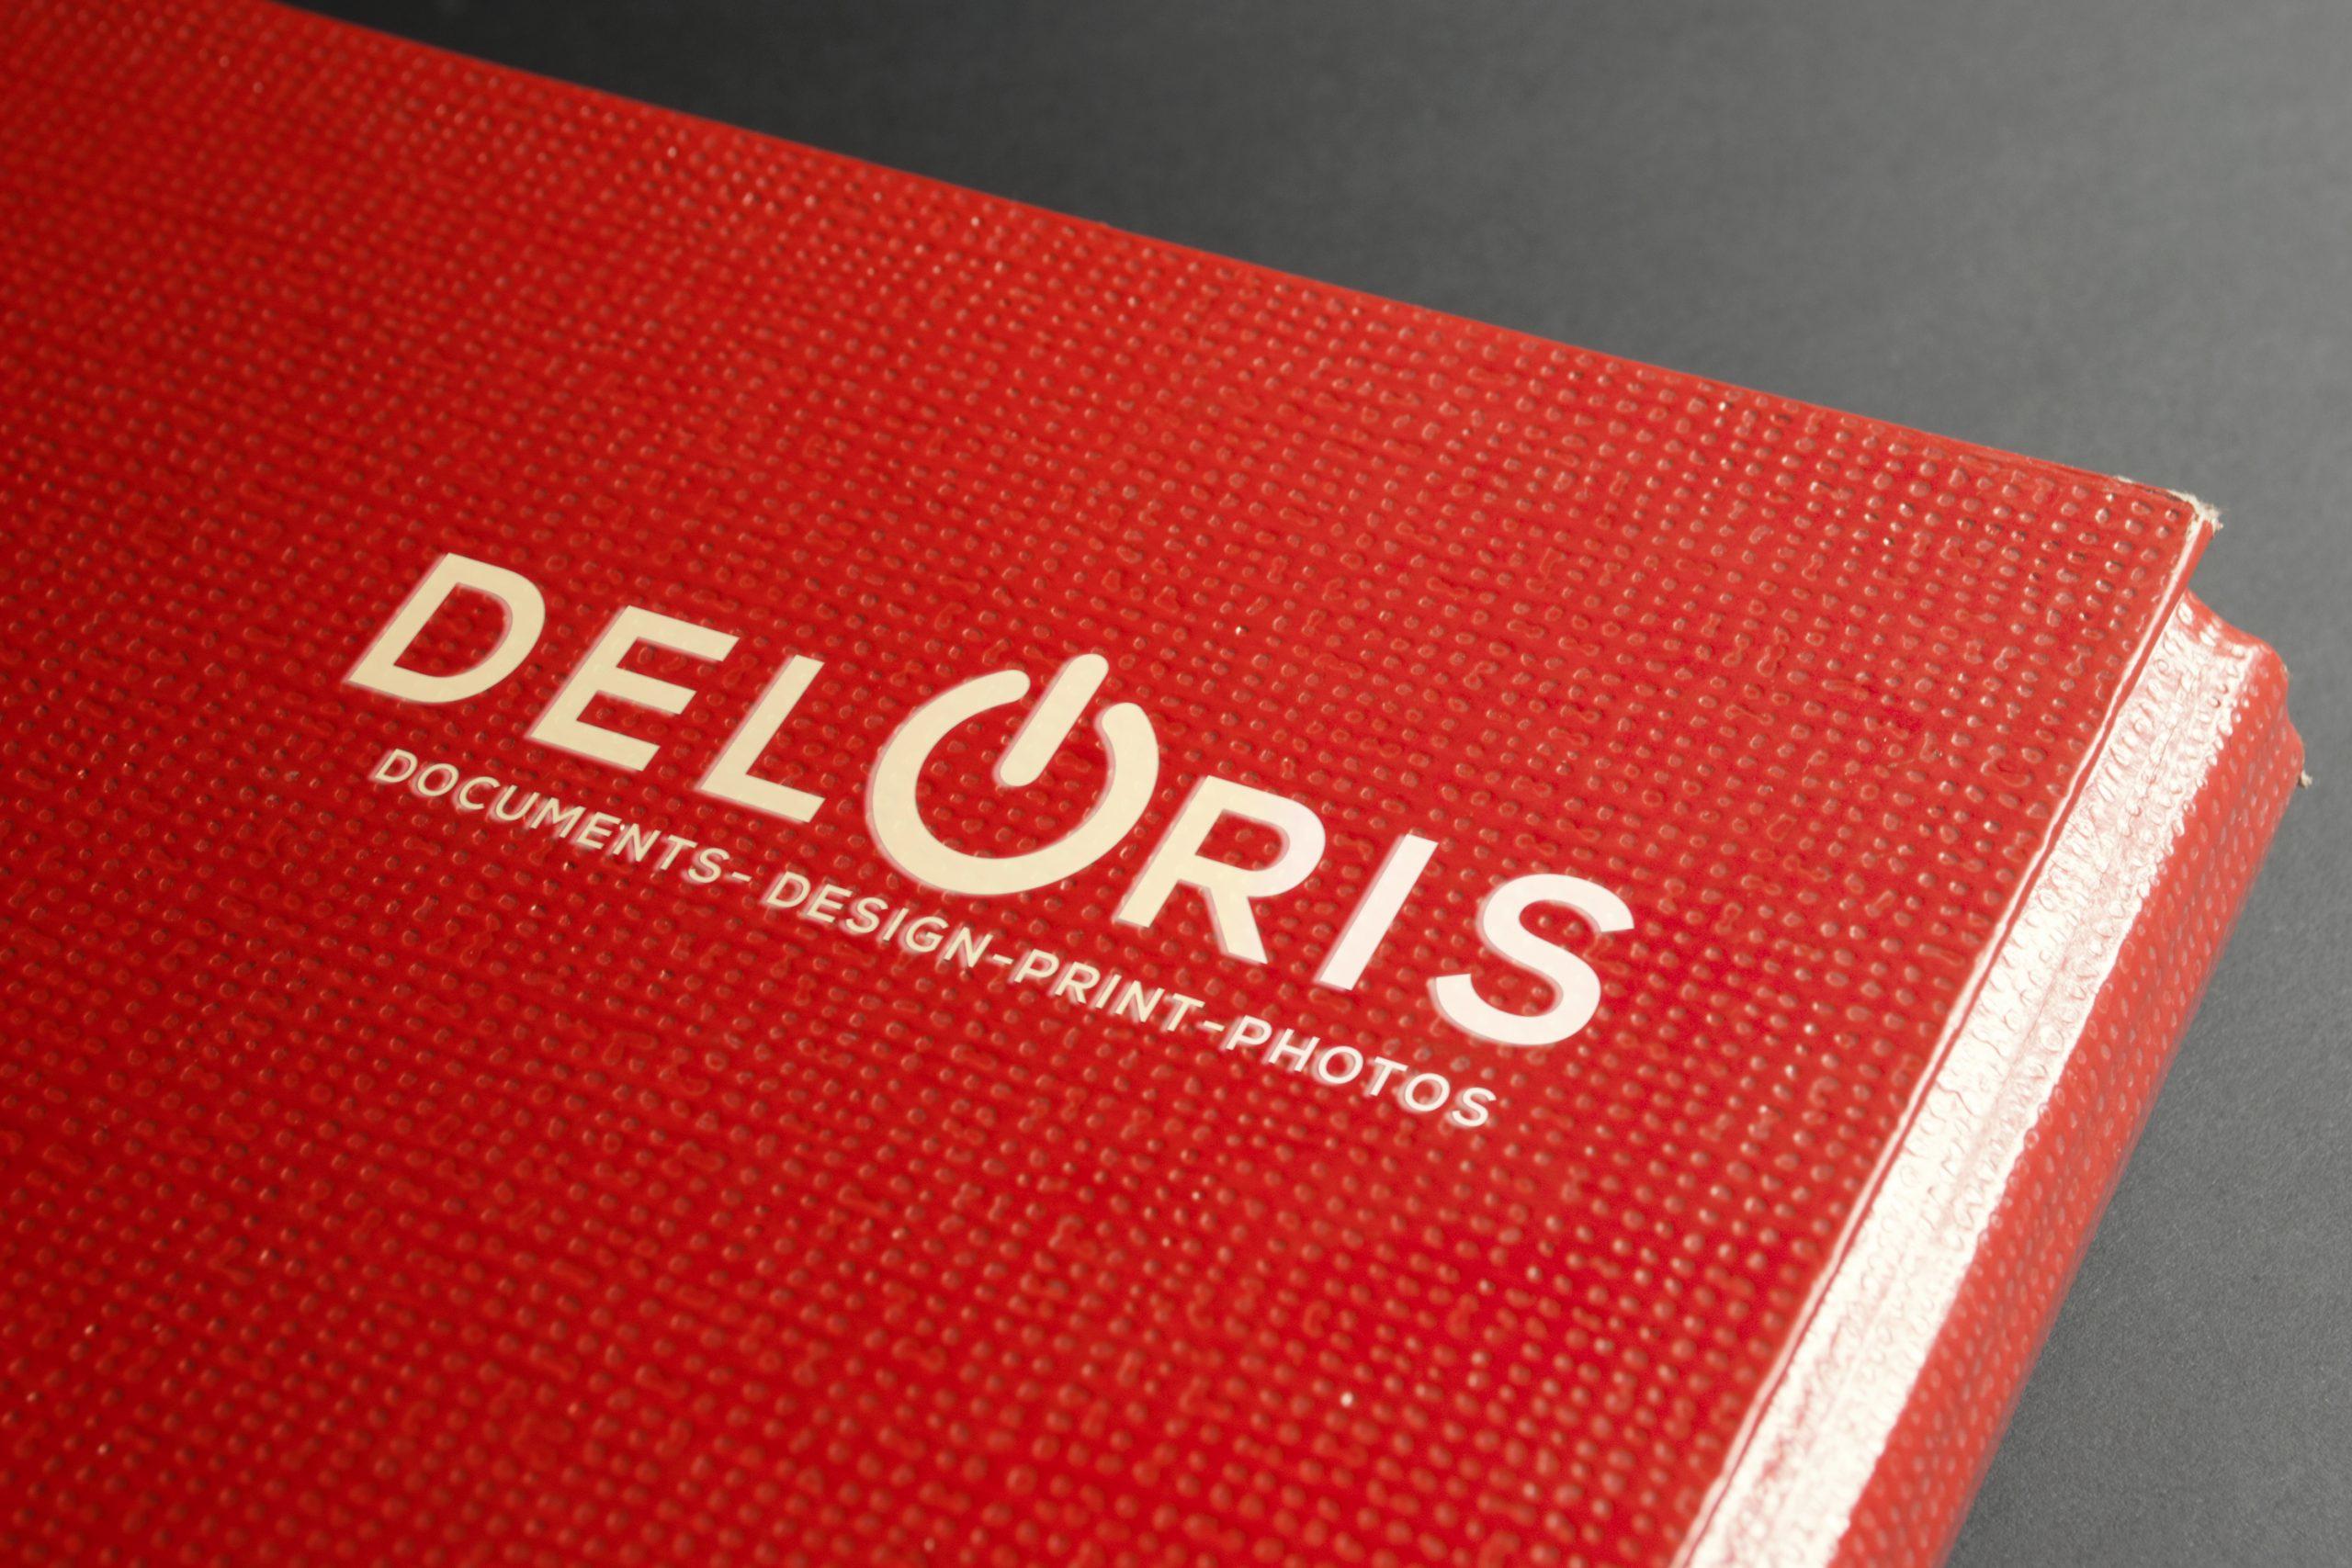 Deloris Logo